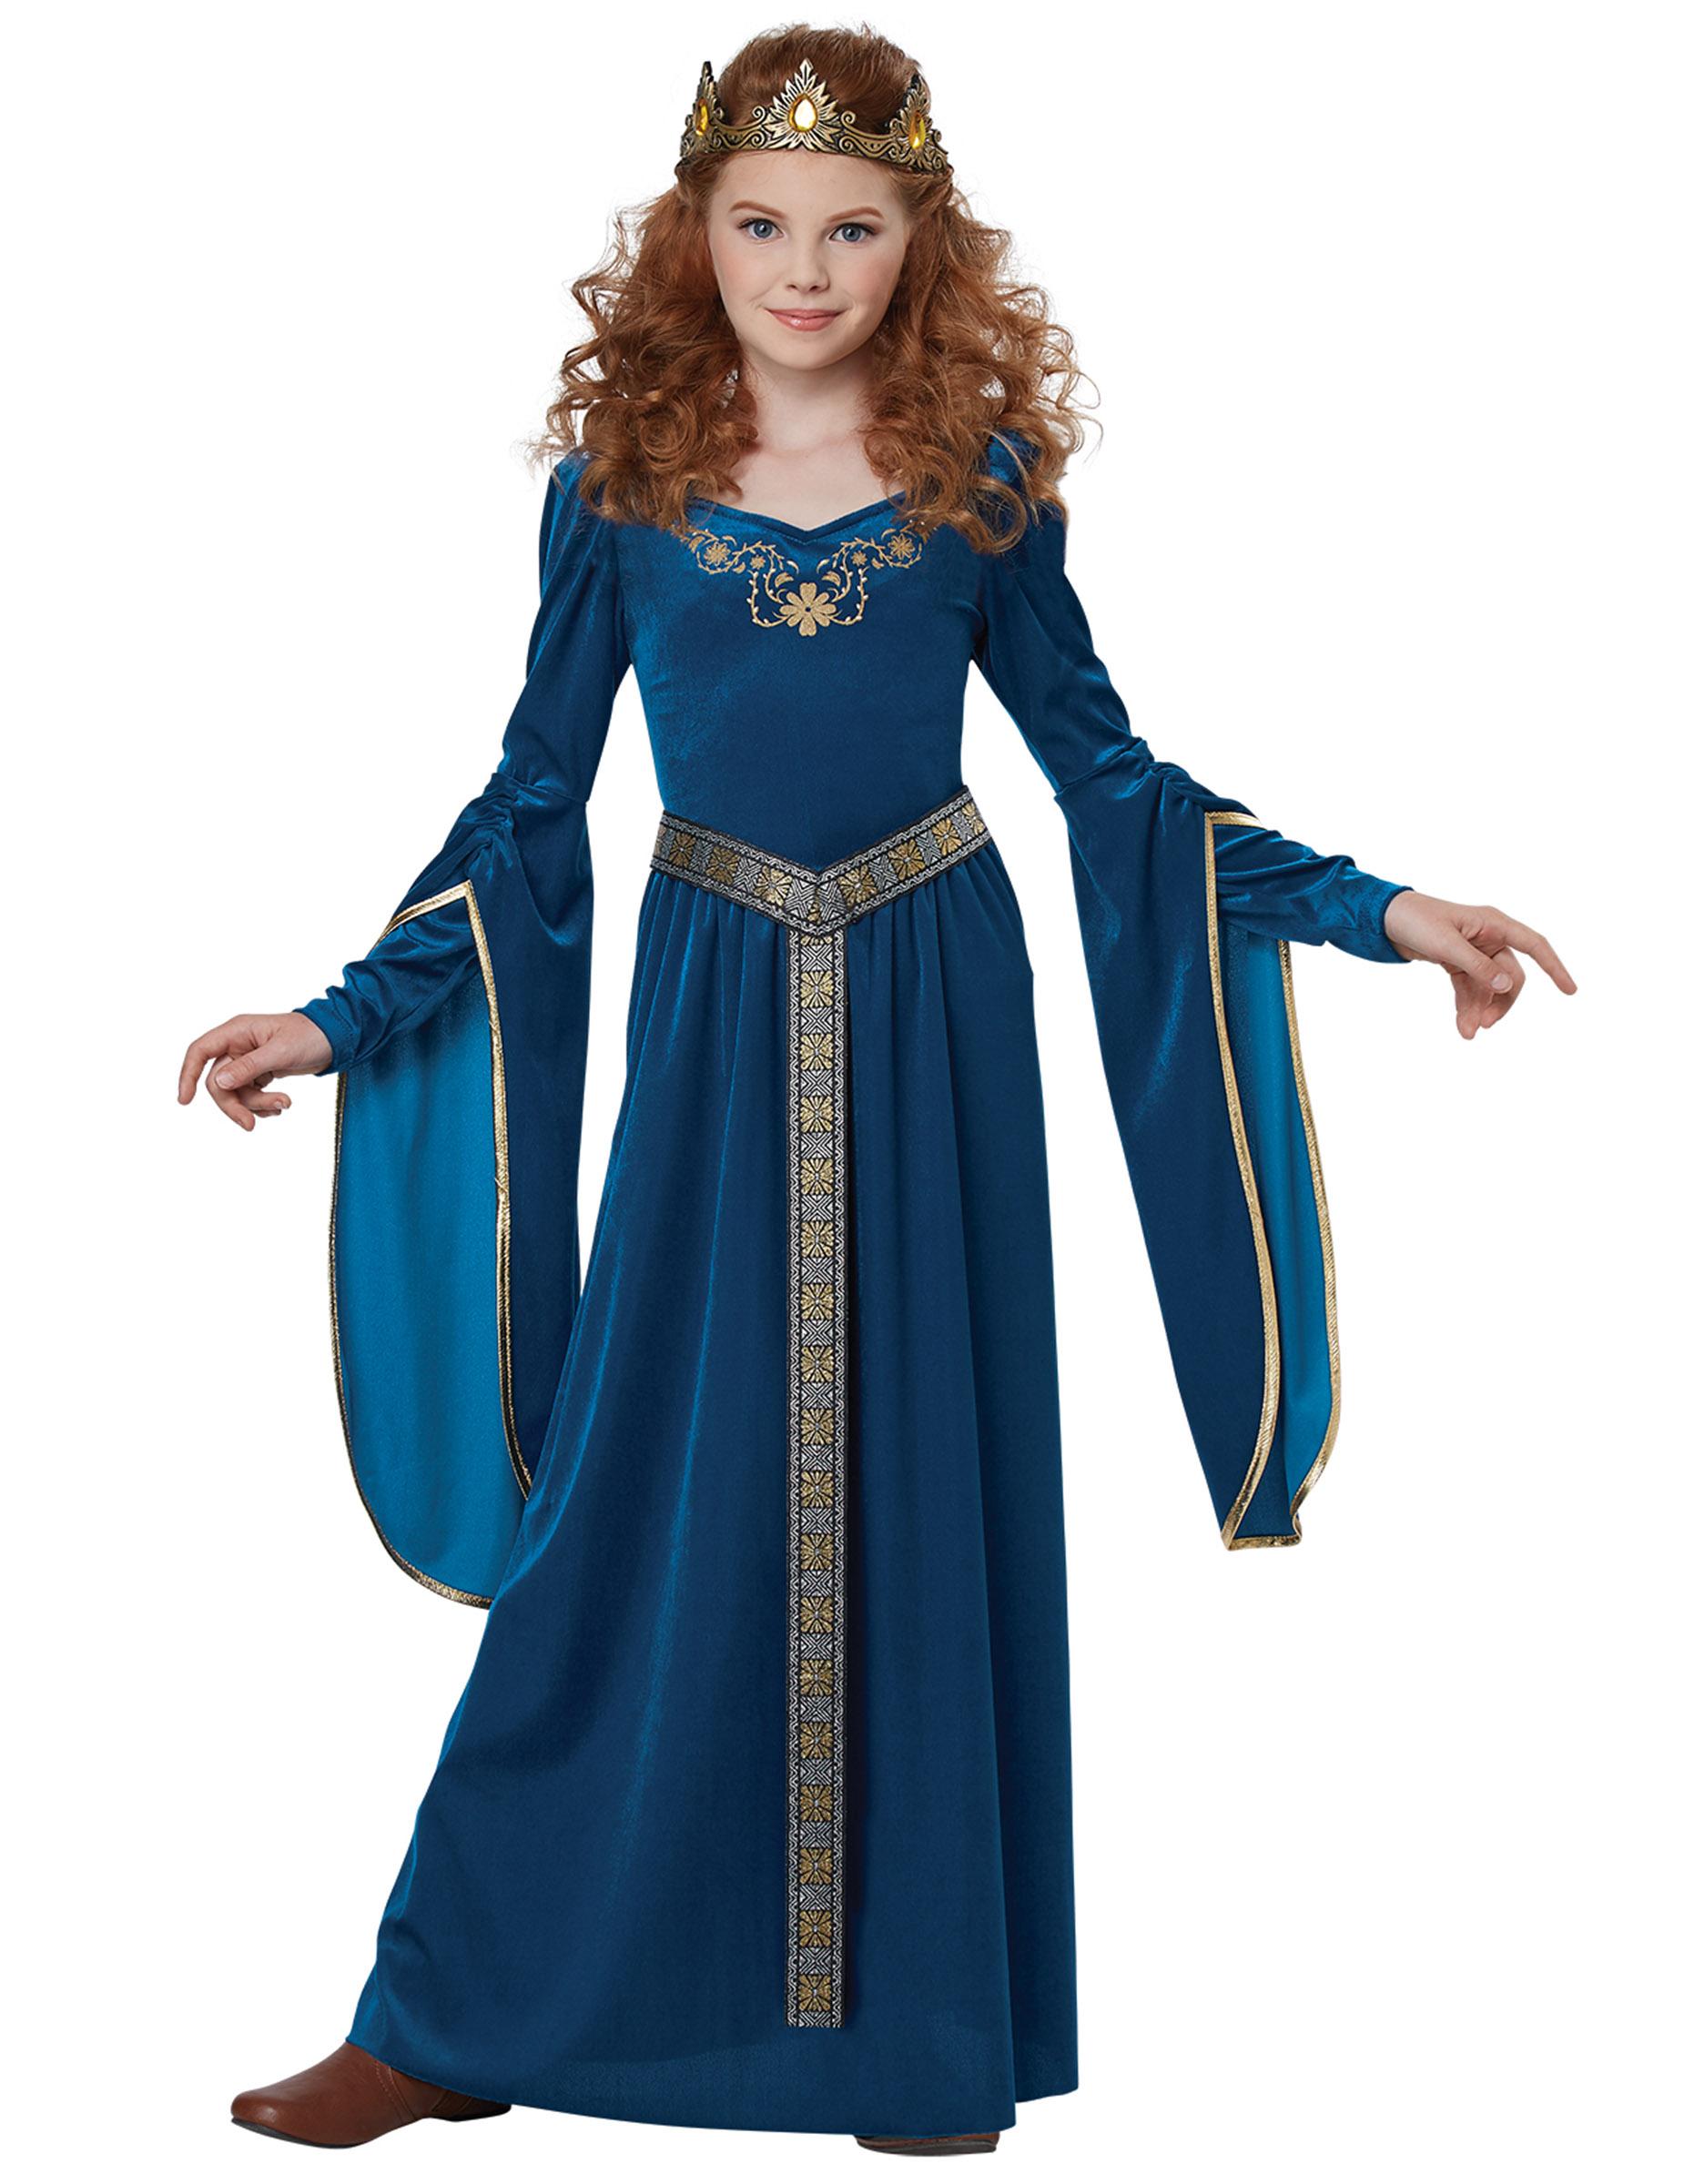 Edles Mittelalter-Prinzessin Karnevalskostüm für Mädchen ...